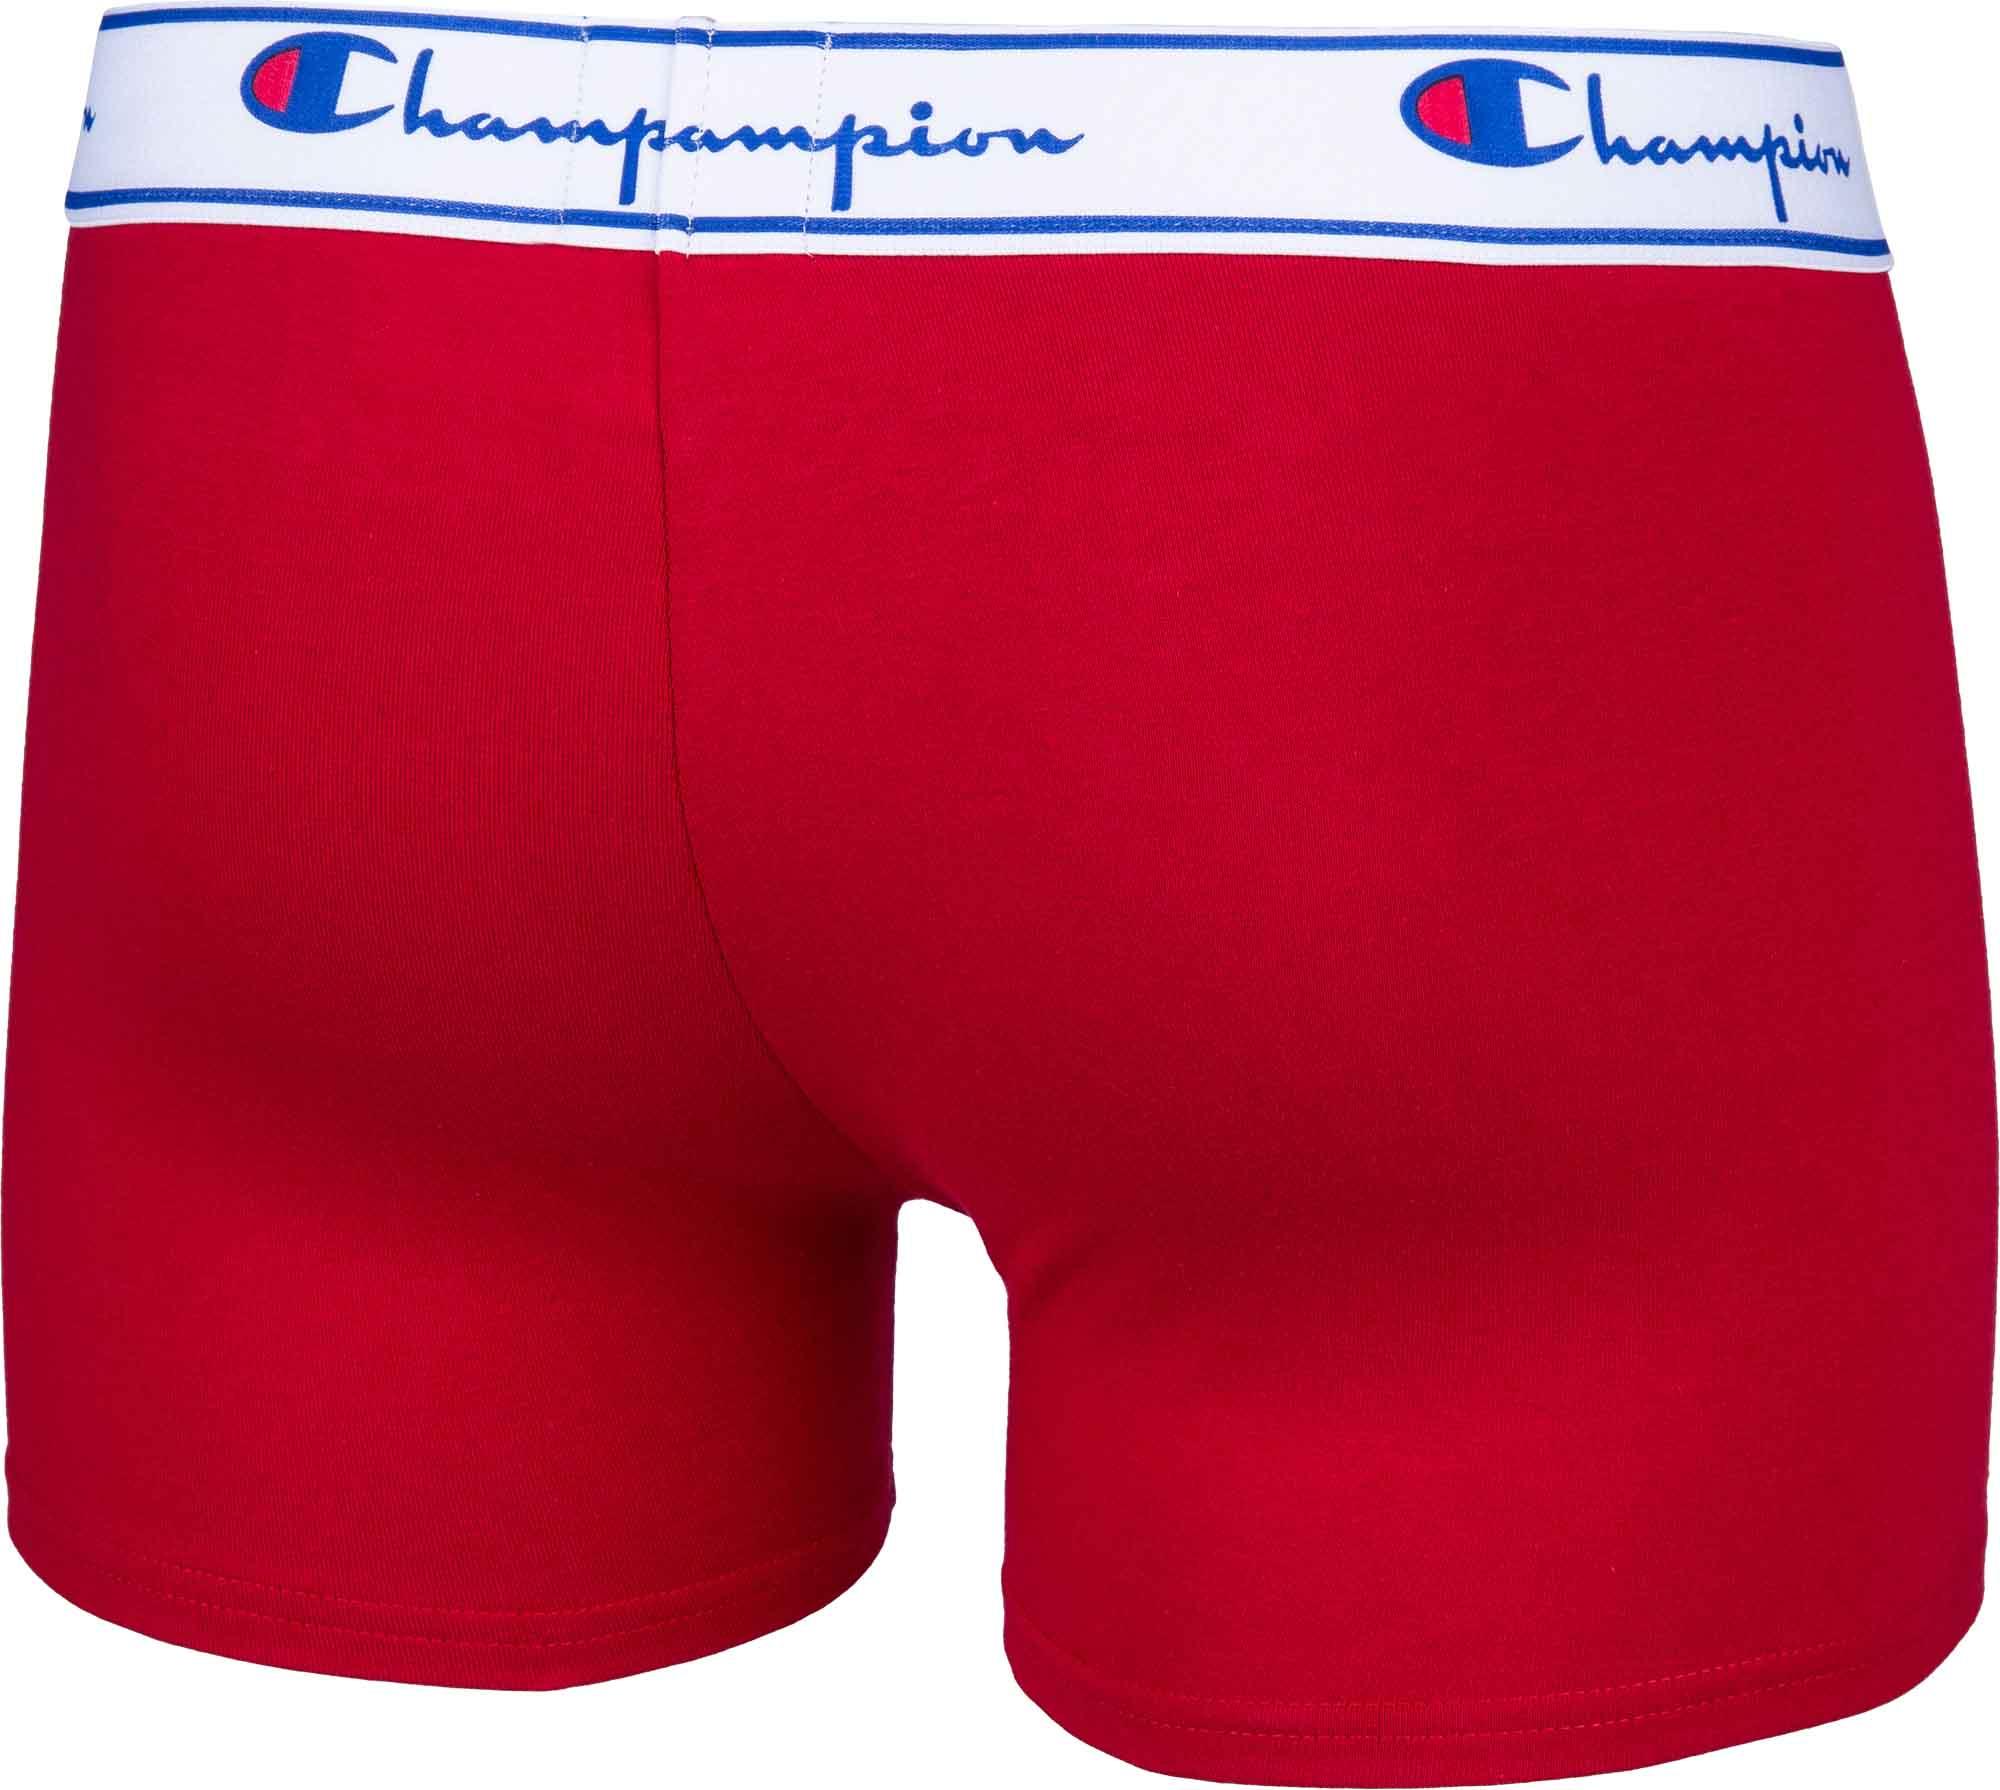 boxerky-champion-legacy-ch00081w-2-001--2-baleni13